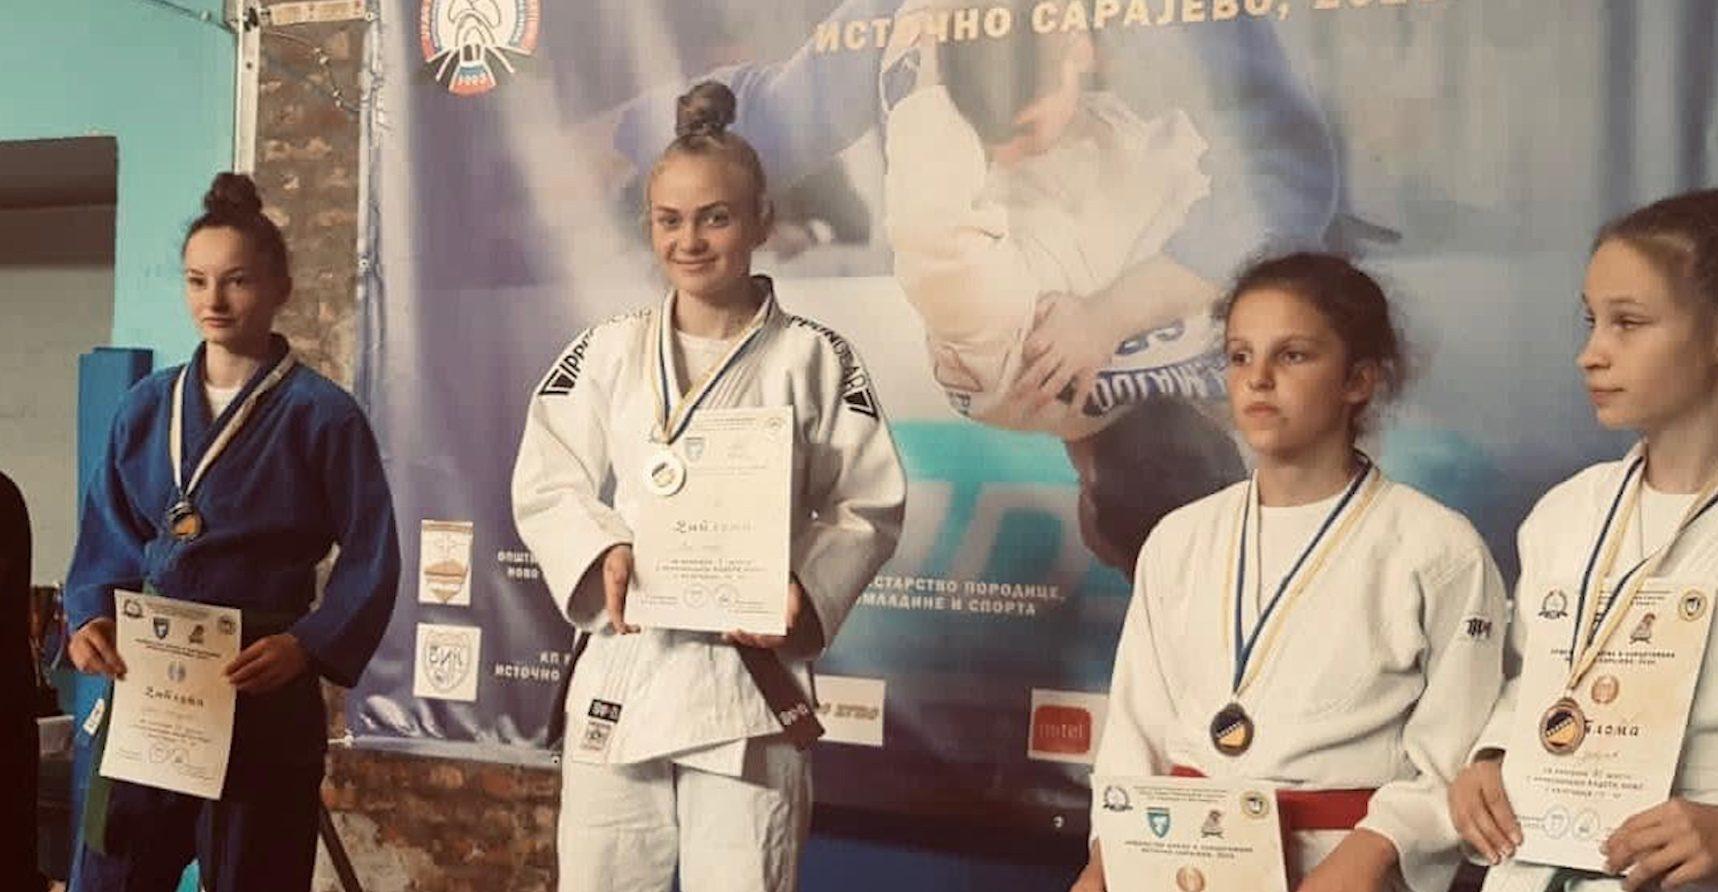 Sanjanka Ena Bašić državna prvakinja u juduo